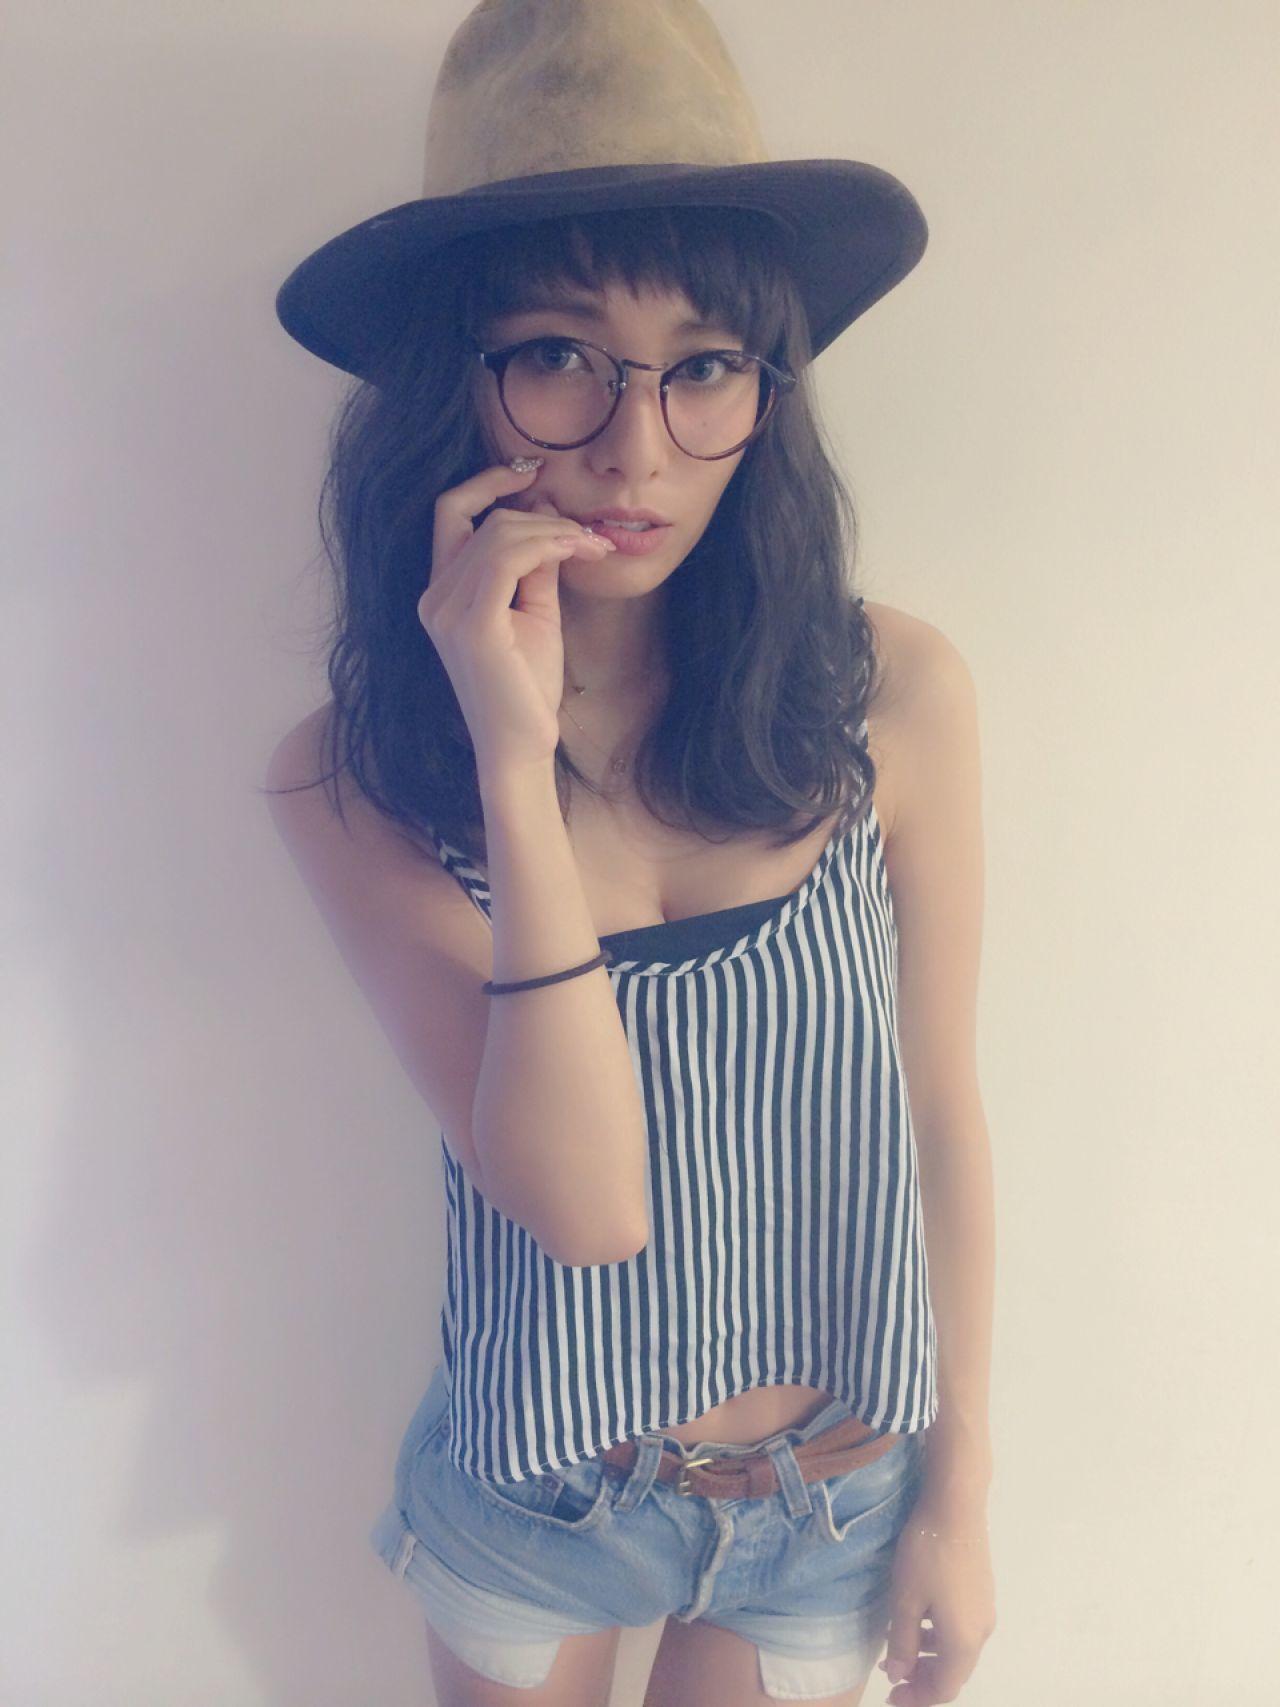 理想の長さにチェンジ♡ショートヘア×エクステでなりたい私♡の9枚目の画像